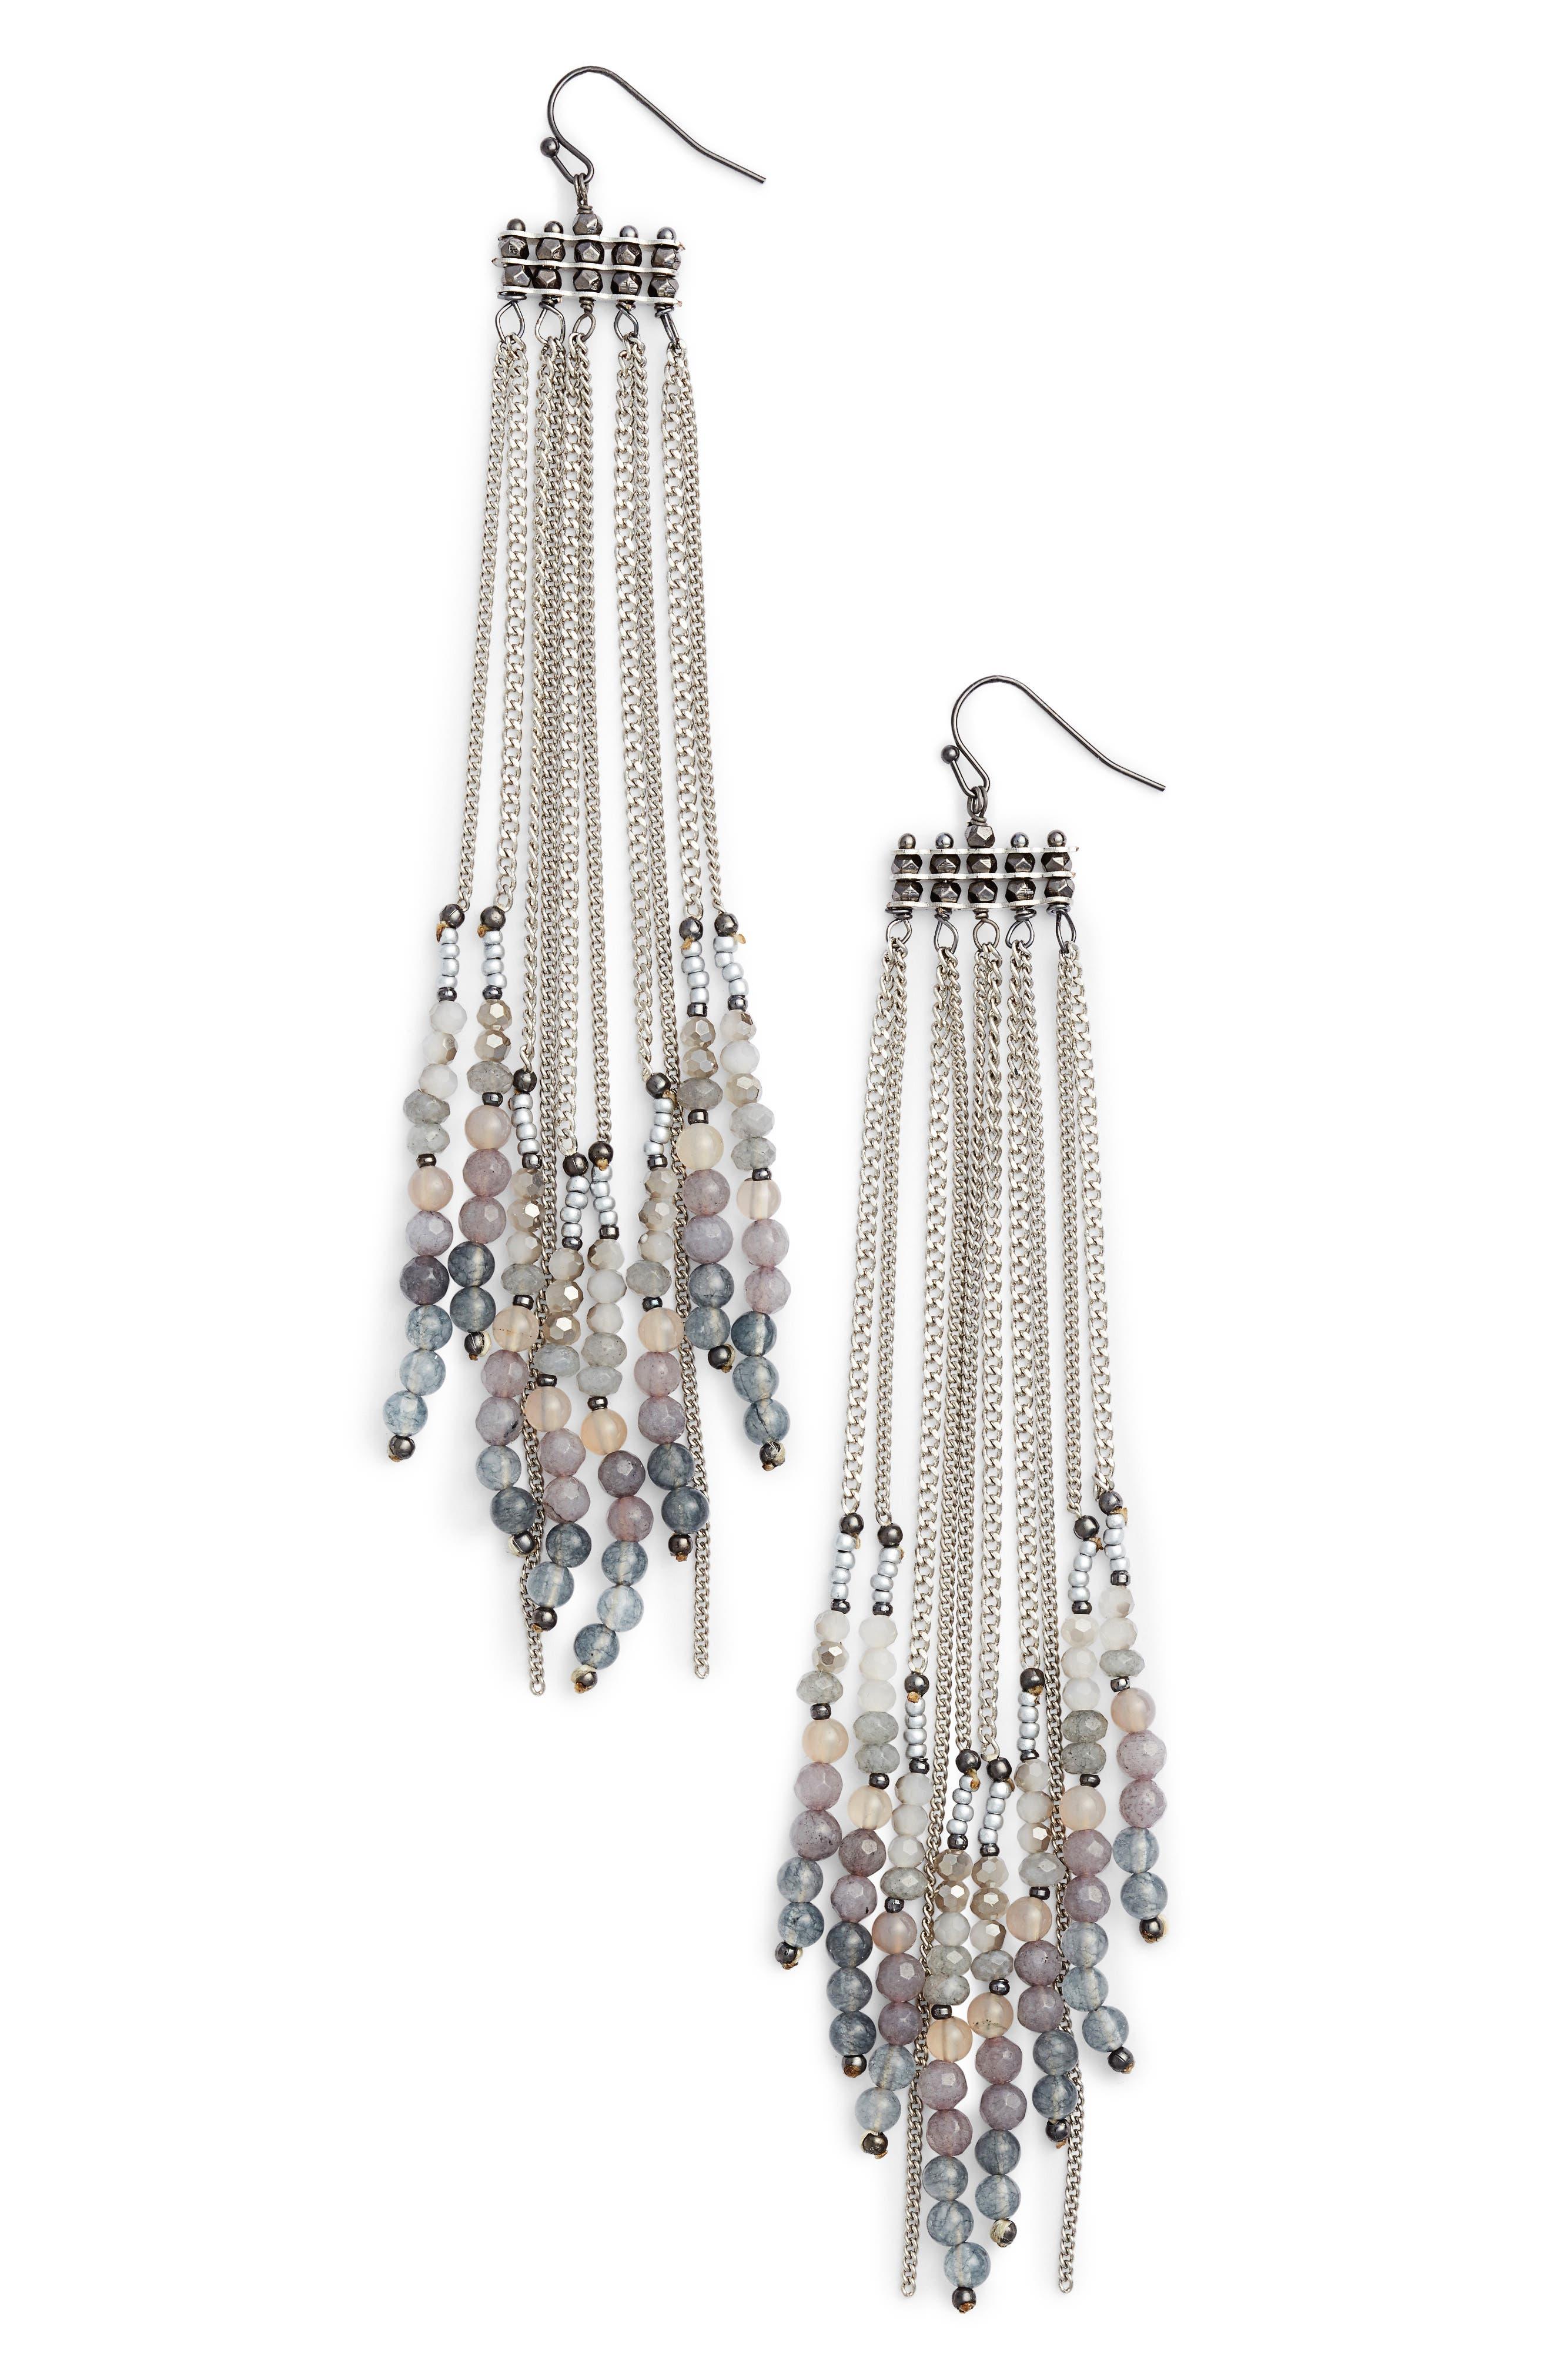 Alternate Image 1 Selected - Nakamol Design Chain Shoulder Duster Earrings